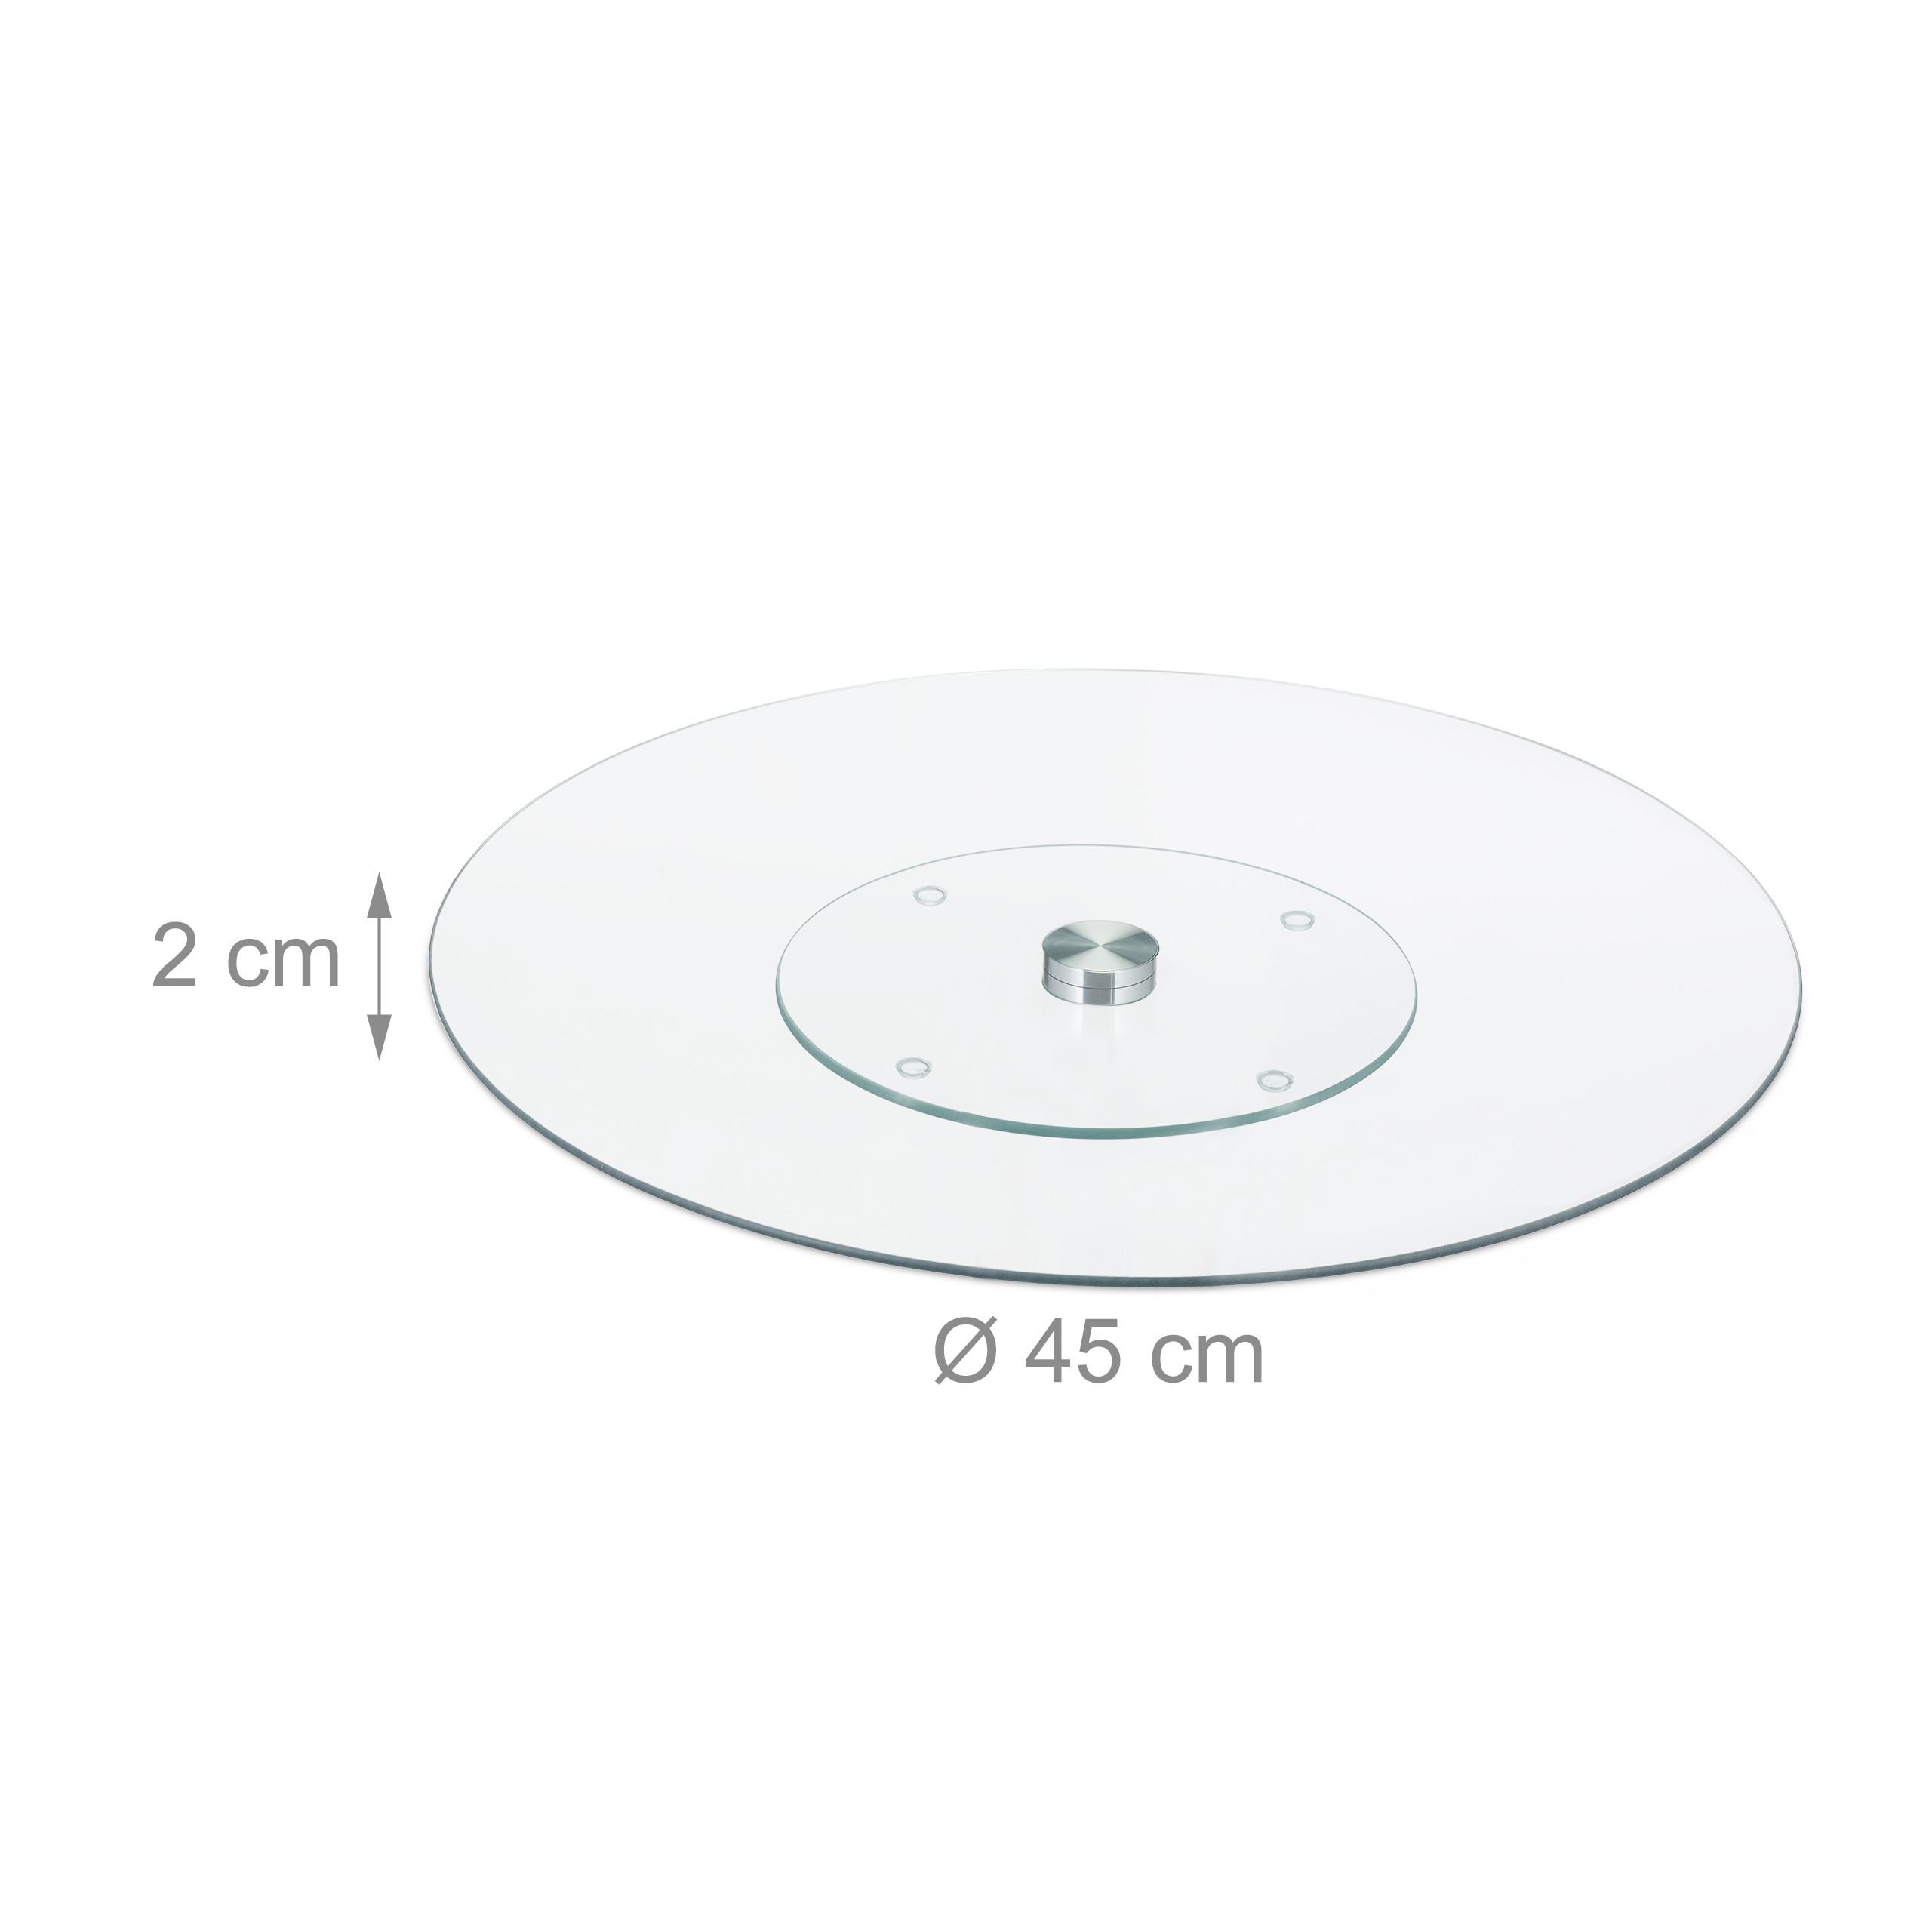 Servierplatte-Tortenplatte-Kuchenplatte-Glas-Drehteller-Kaeseplatte-drehbar-rund Indexbild 2